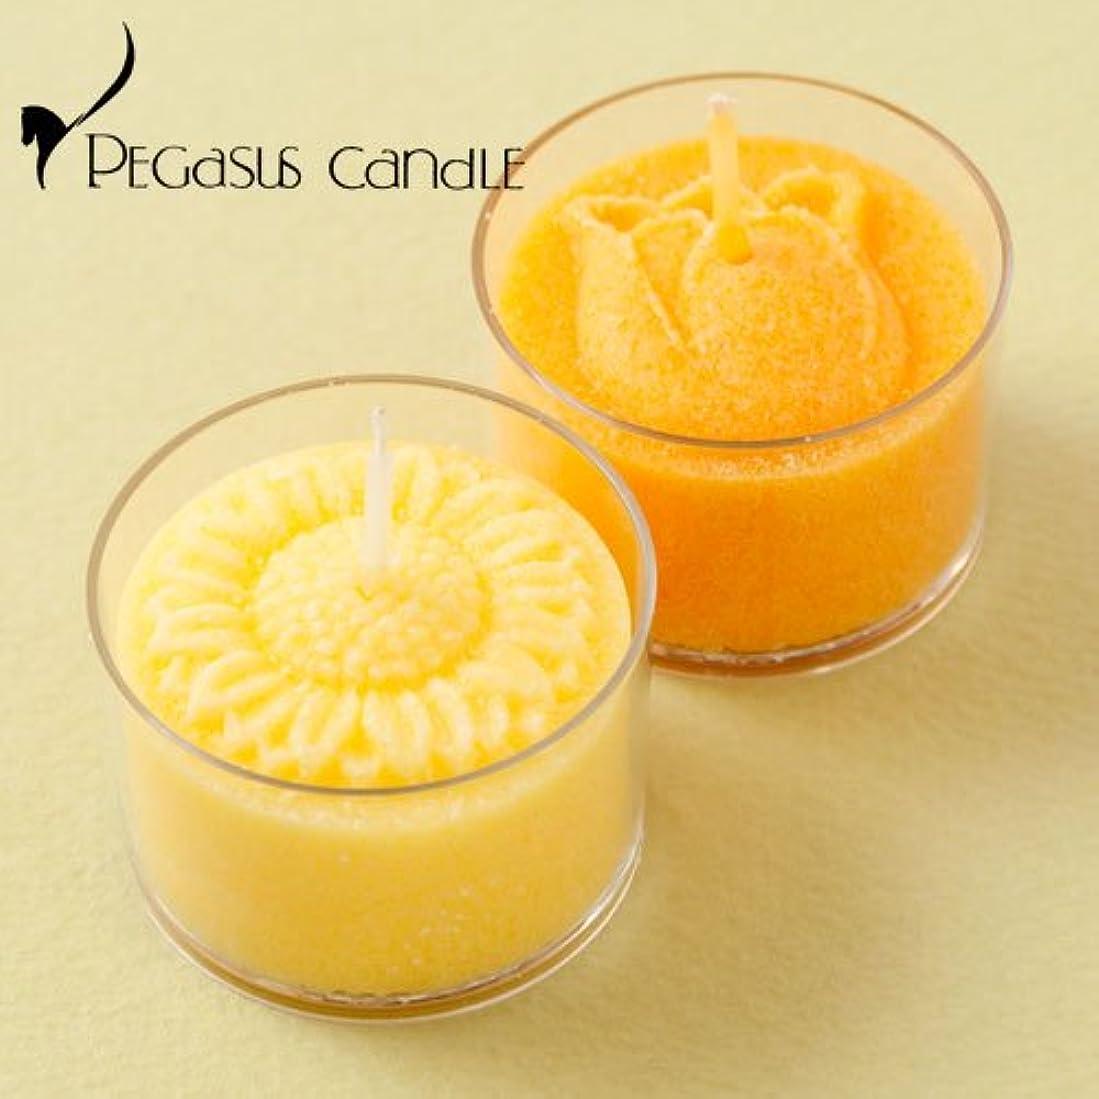 フライト明快私花暦ヒマワリ?チューリップ花の形のキャンドル2個セット(無香タイプ)ペガサスキャンドルFlower shaped candle